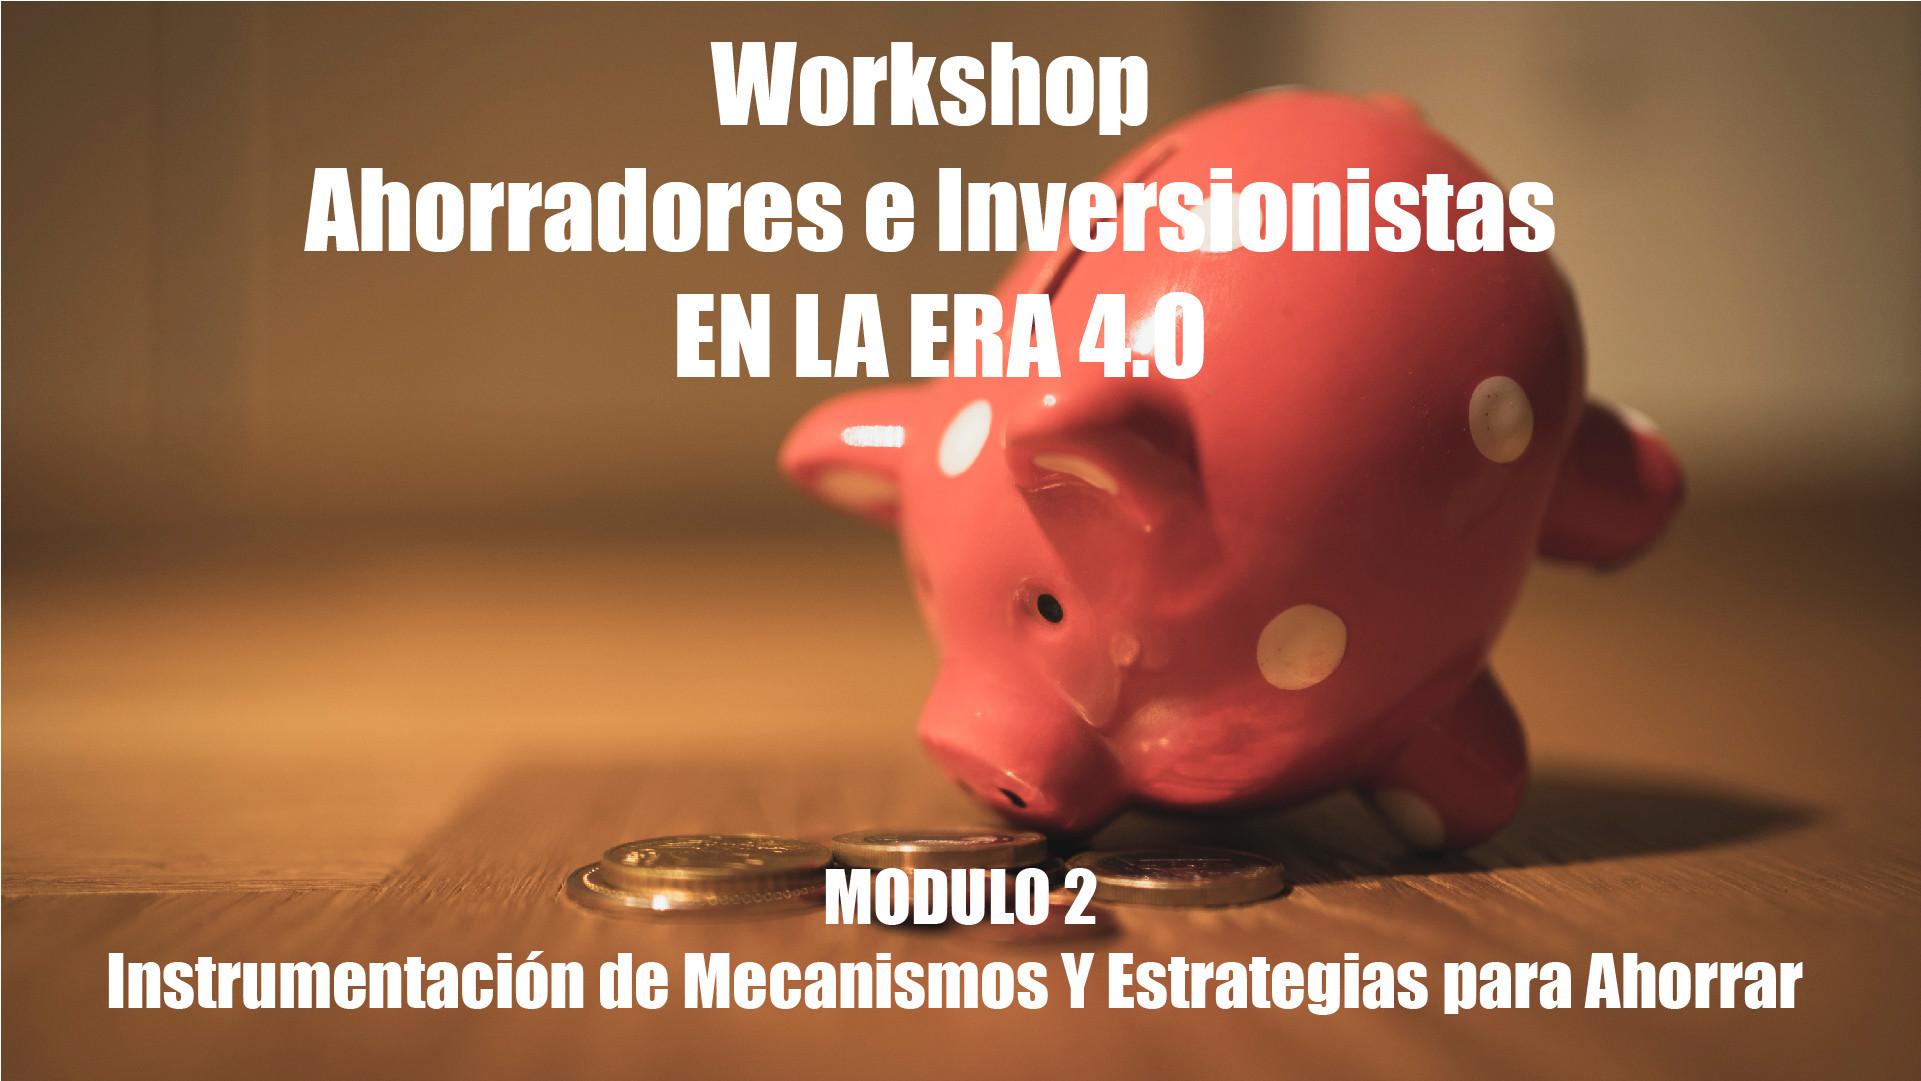 Workshop Ahorradores Inversionistas M2